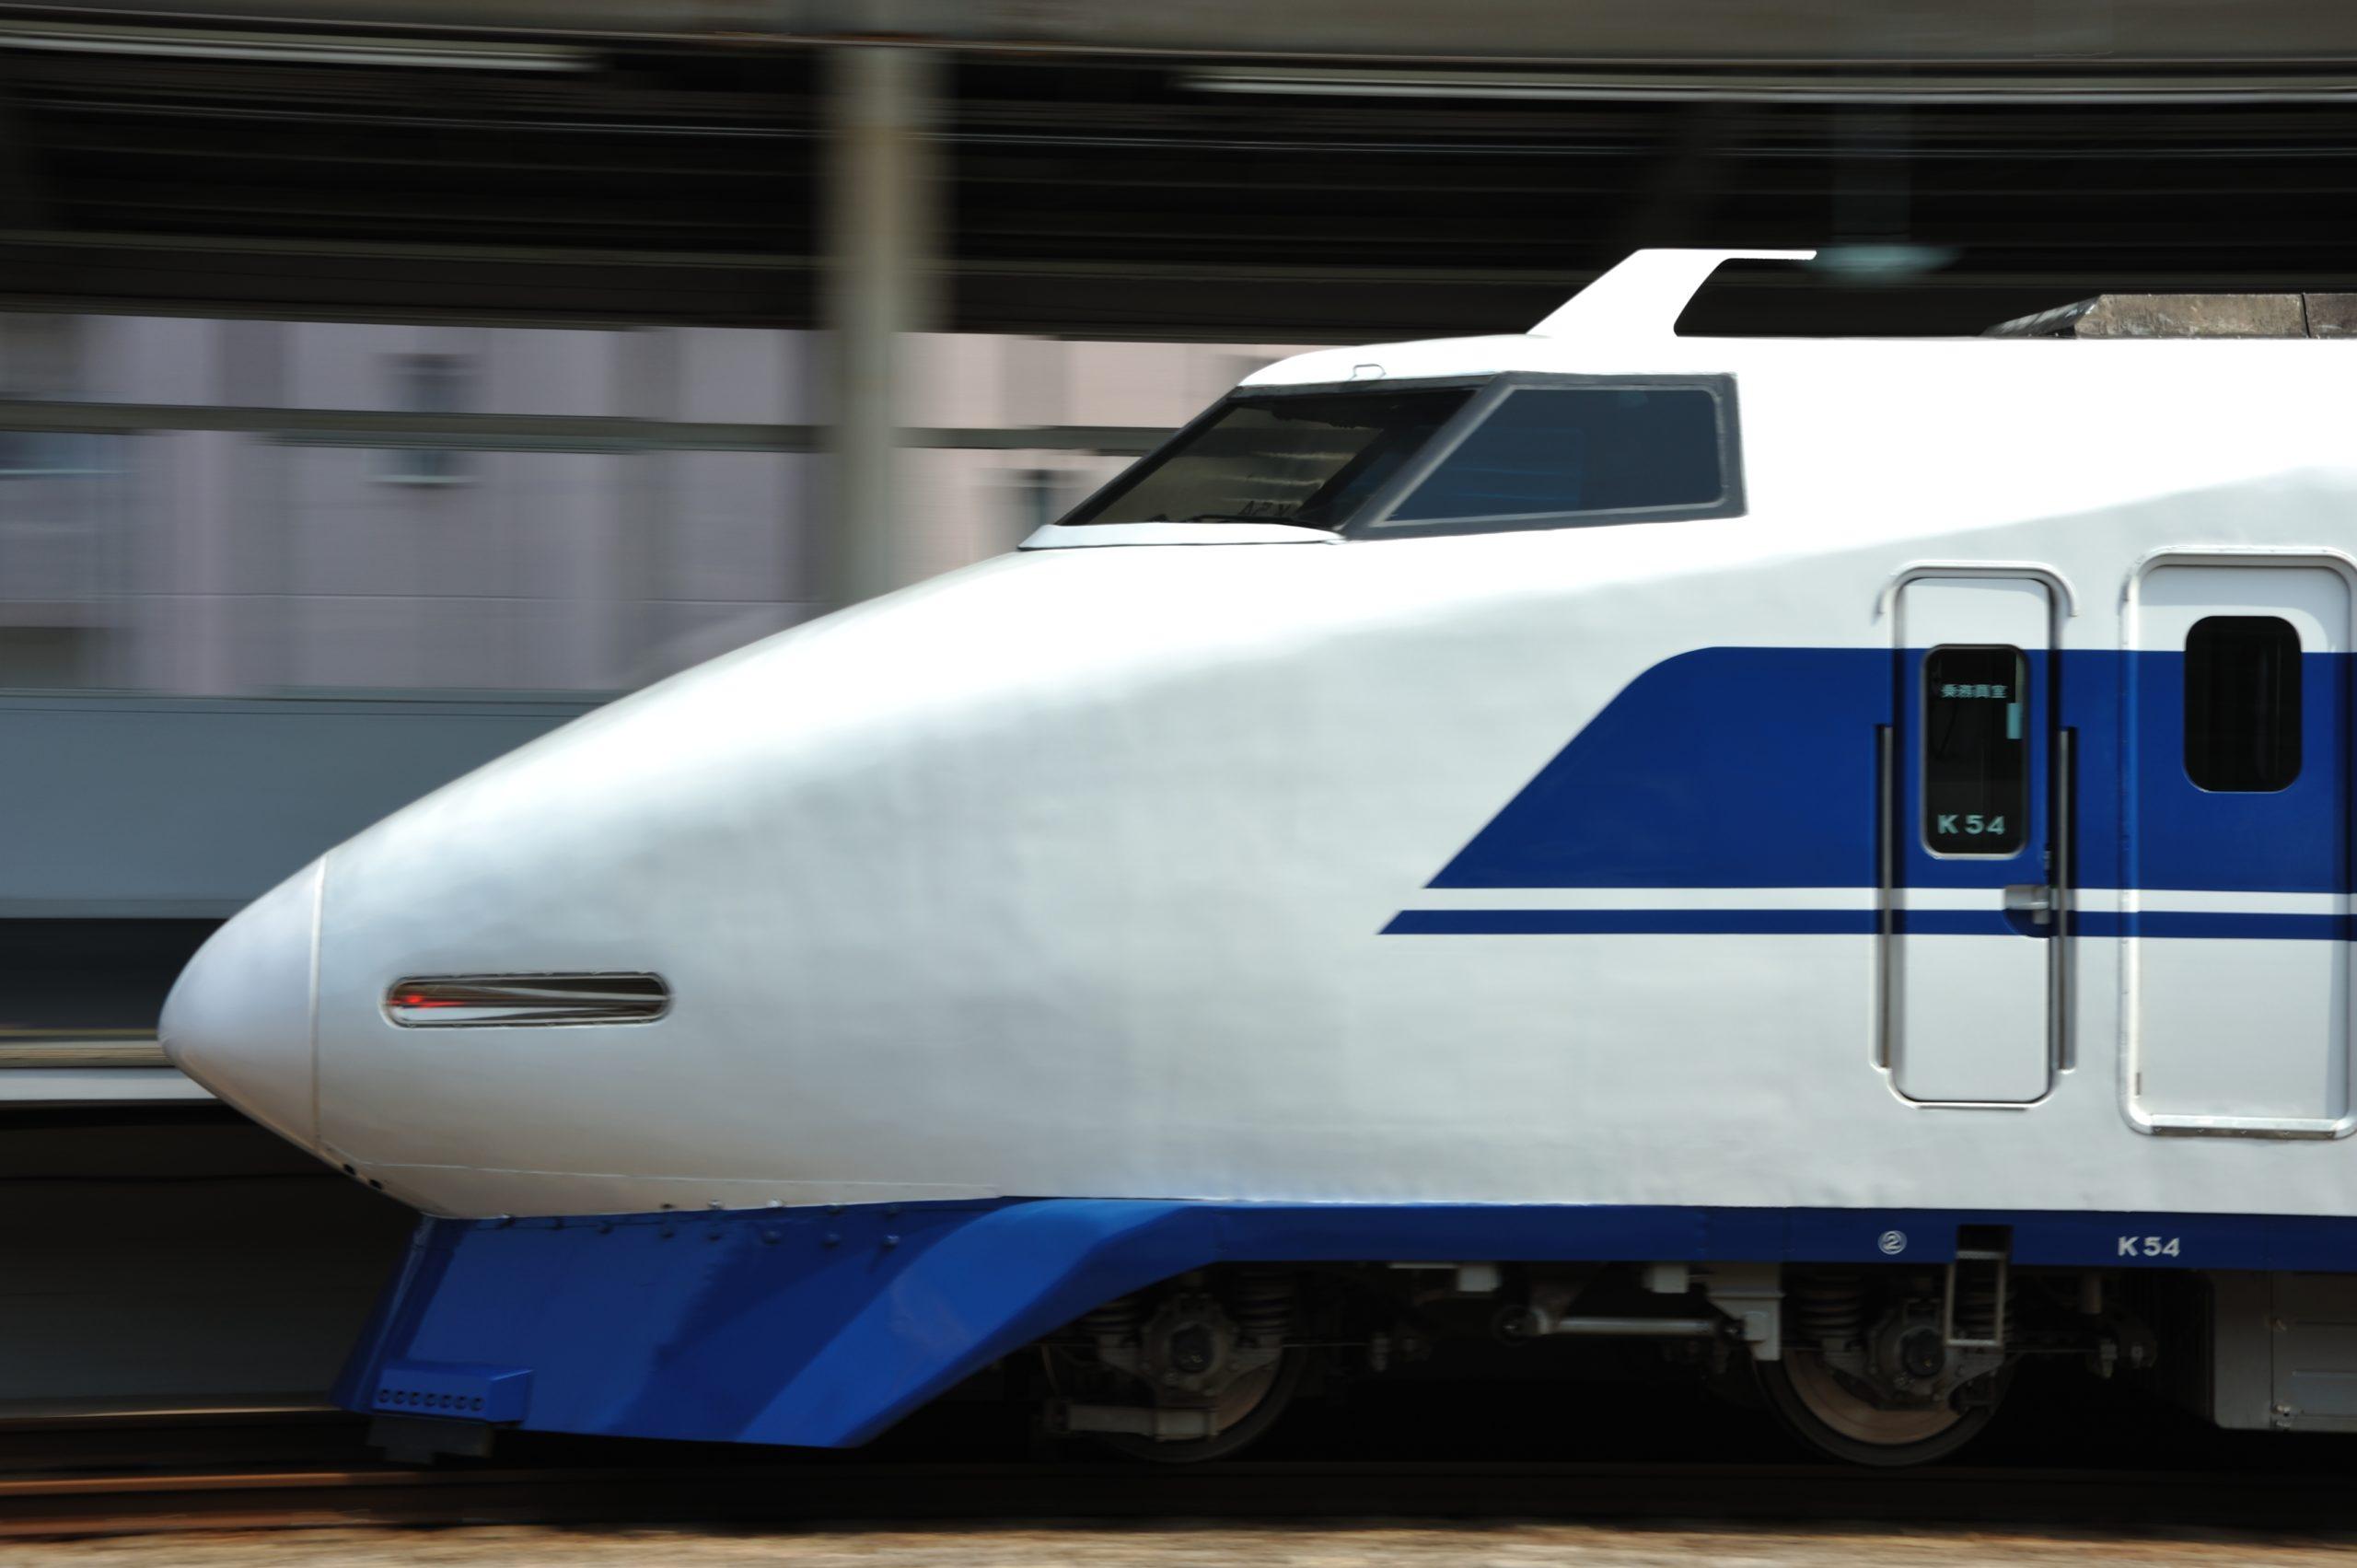 【ひかりチャイム】実はクリスマスソングだった 東海道新幹線でも一時期使用されていた